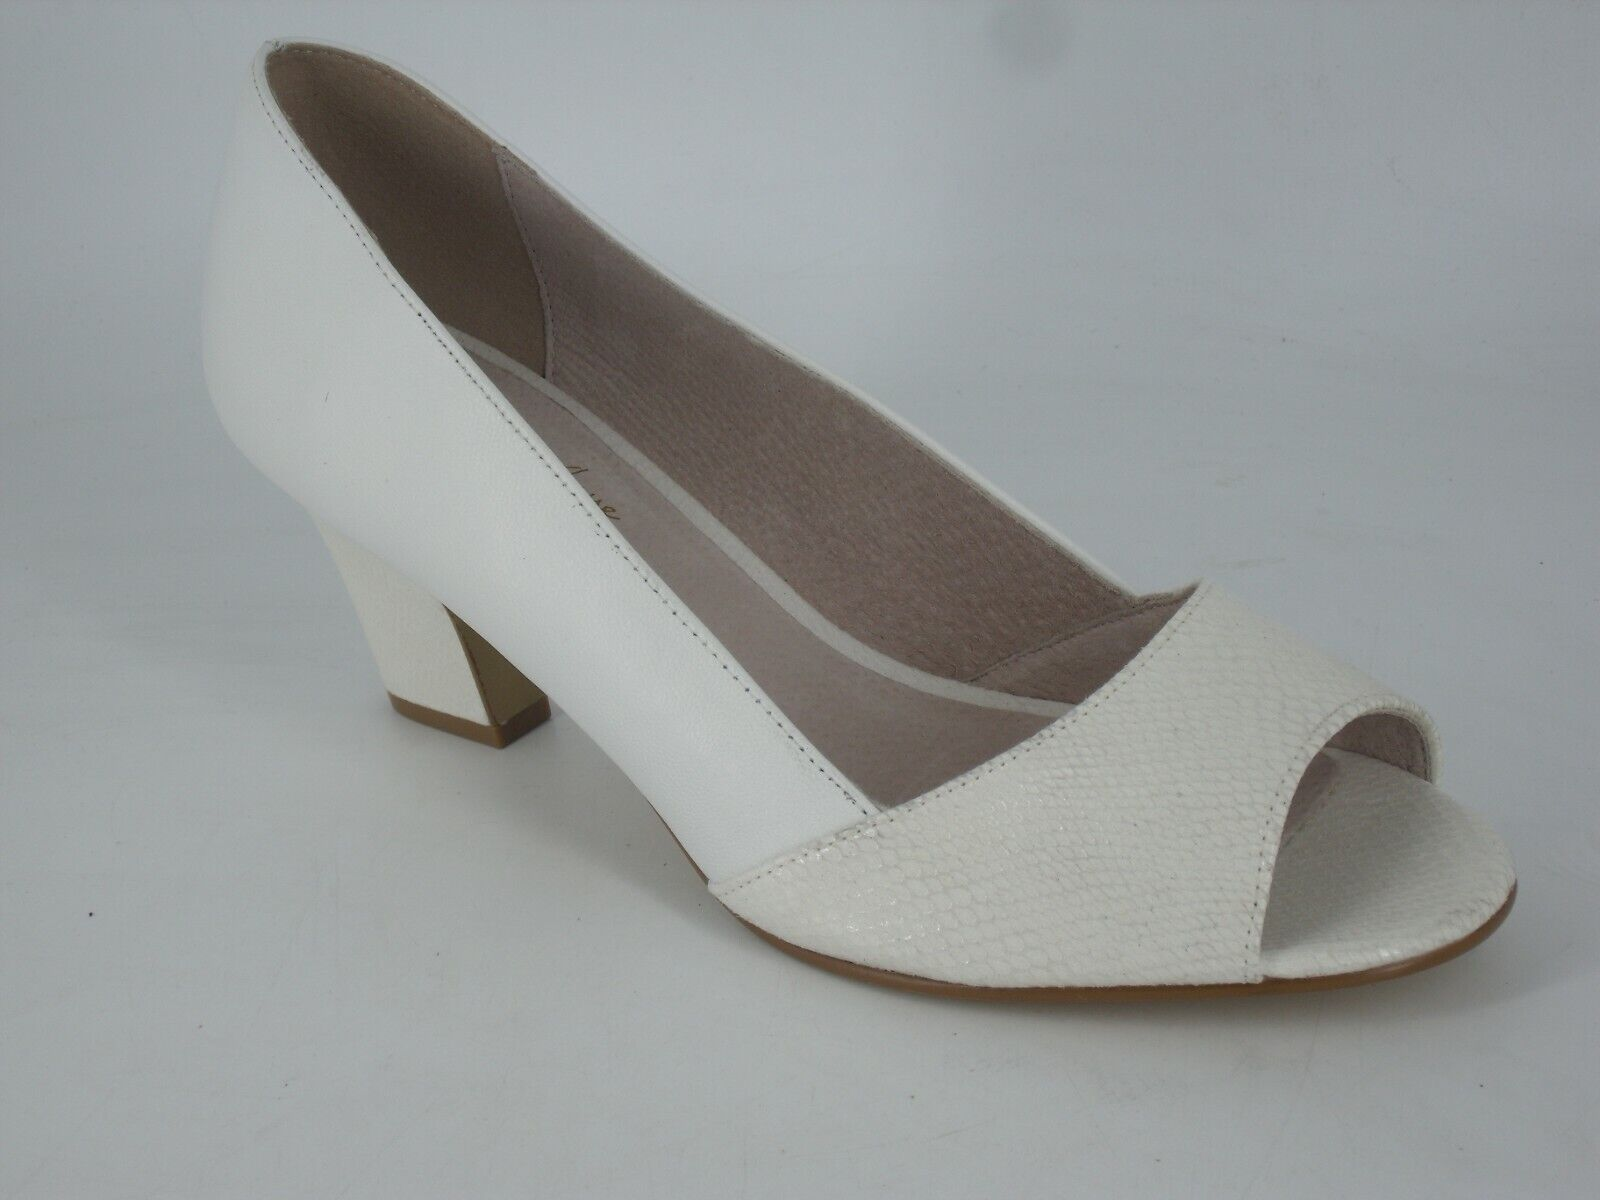 ANNE WEYBURN Metallic Effect Leather Open Toe Pumps UK 7.5 EU 41 NH092 TT 03